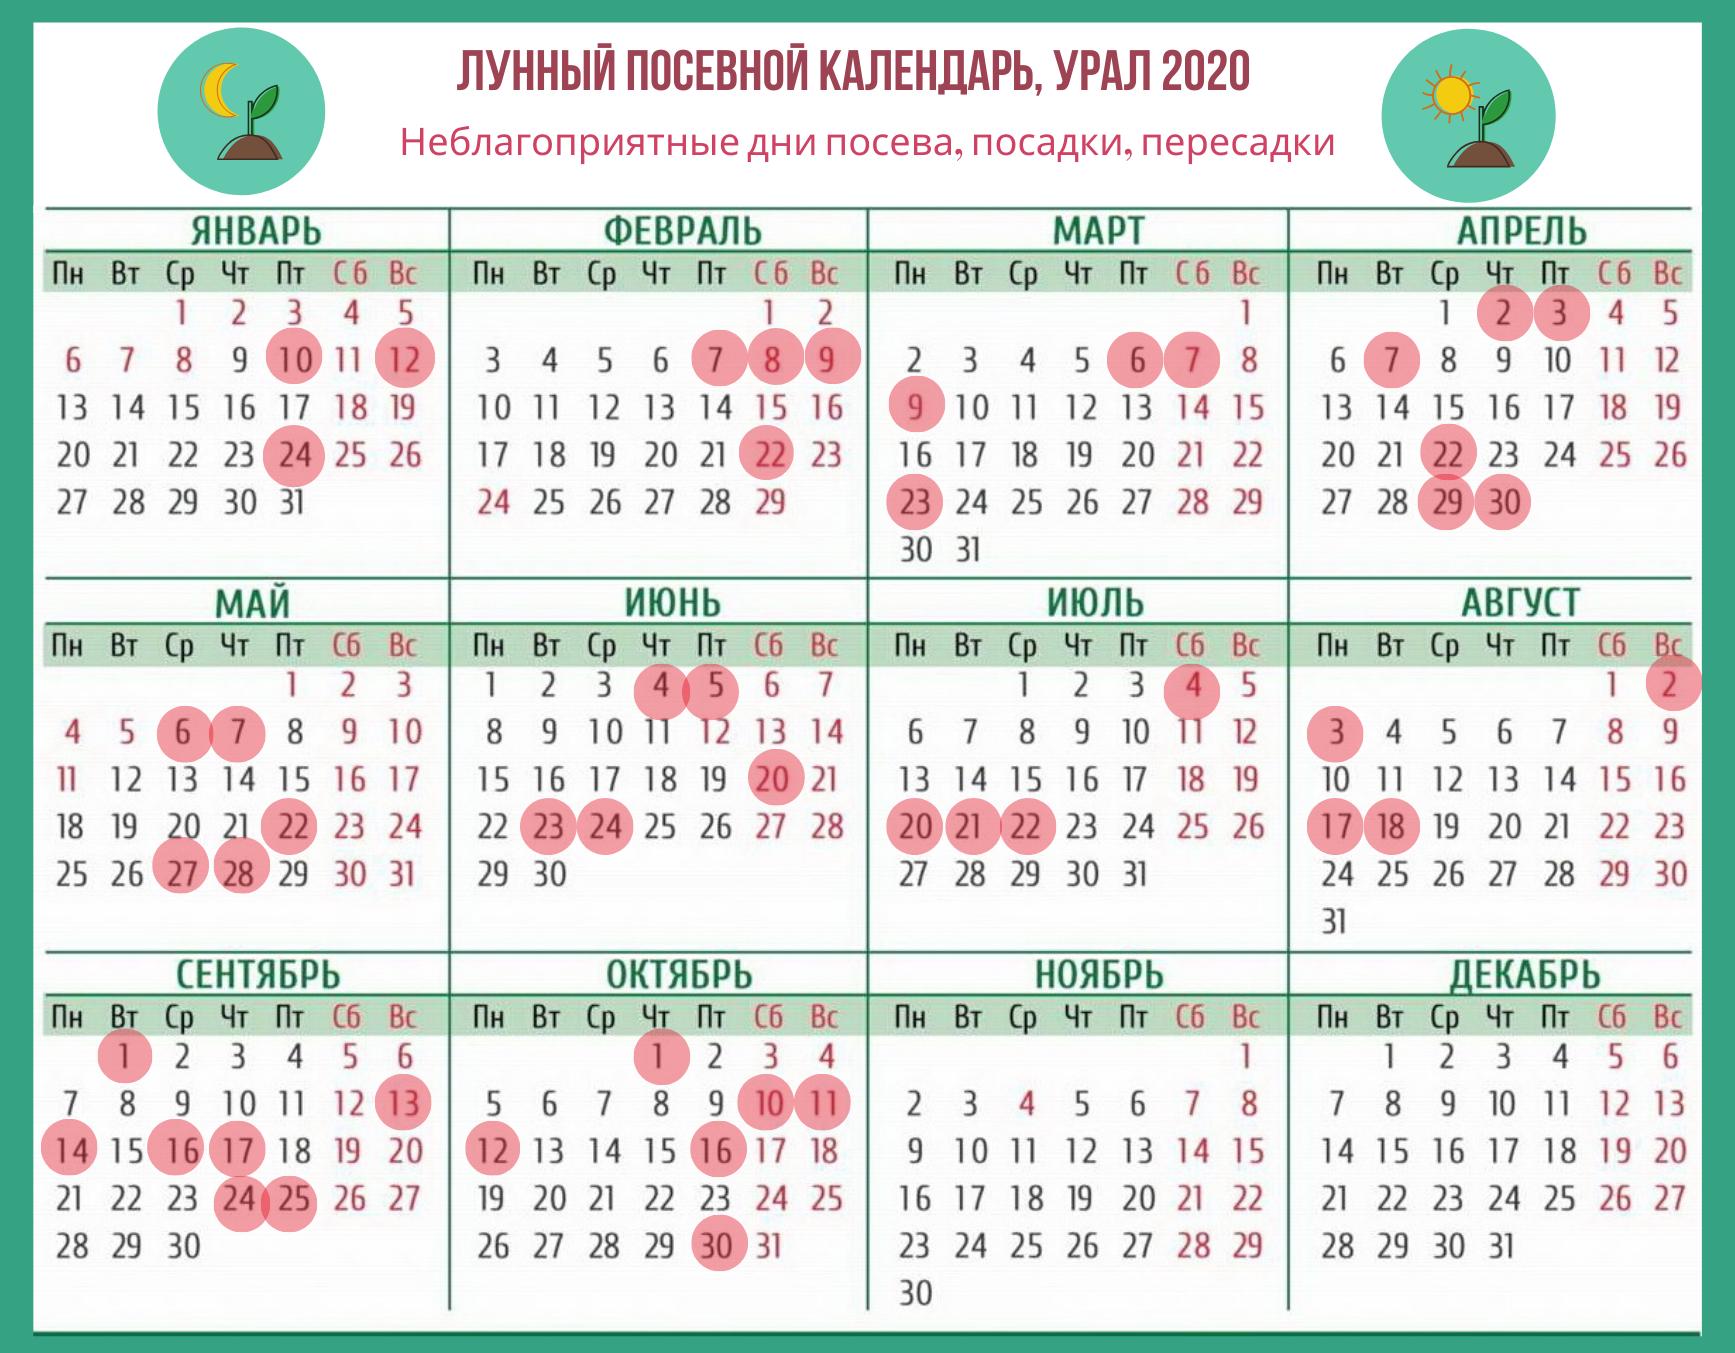 Неблагоприятные дни 2020